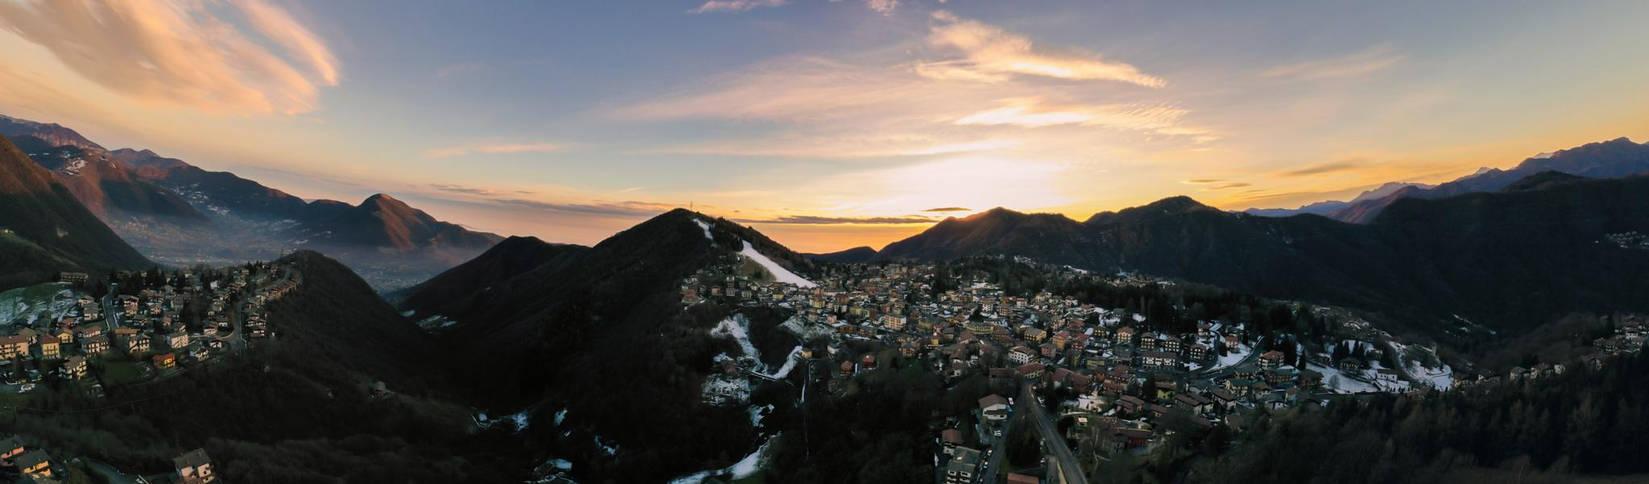 Panorama di Selvino by Benares78